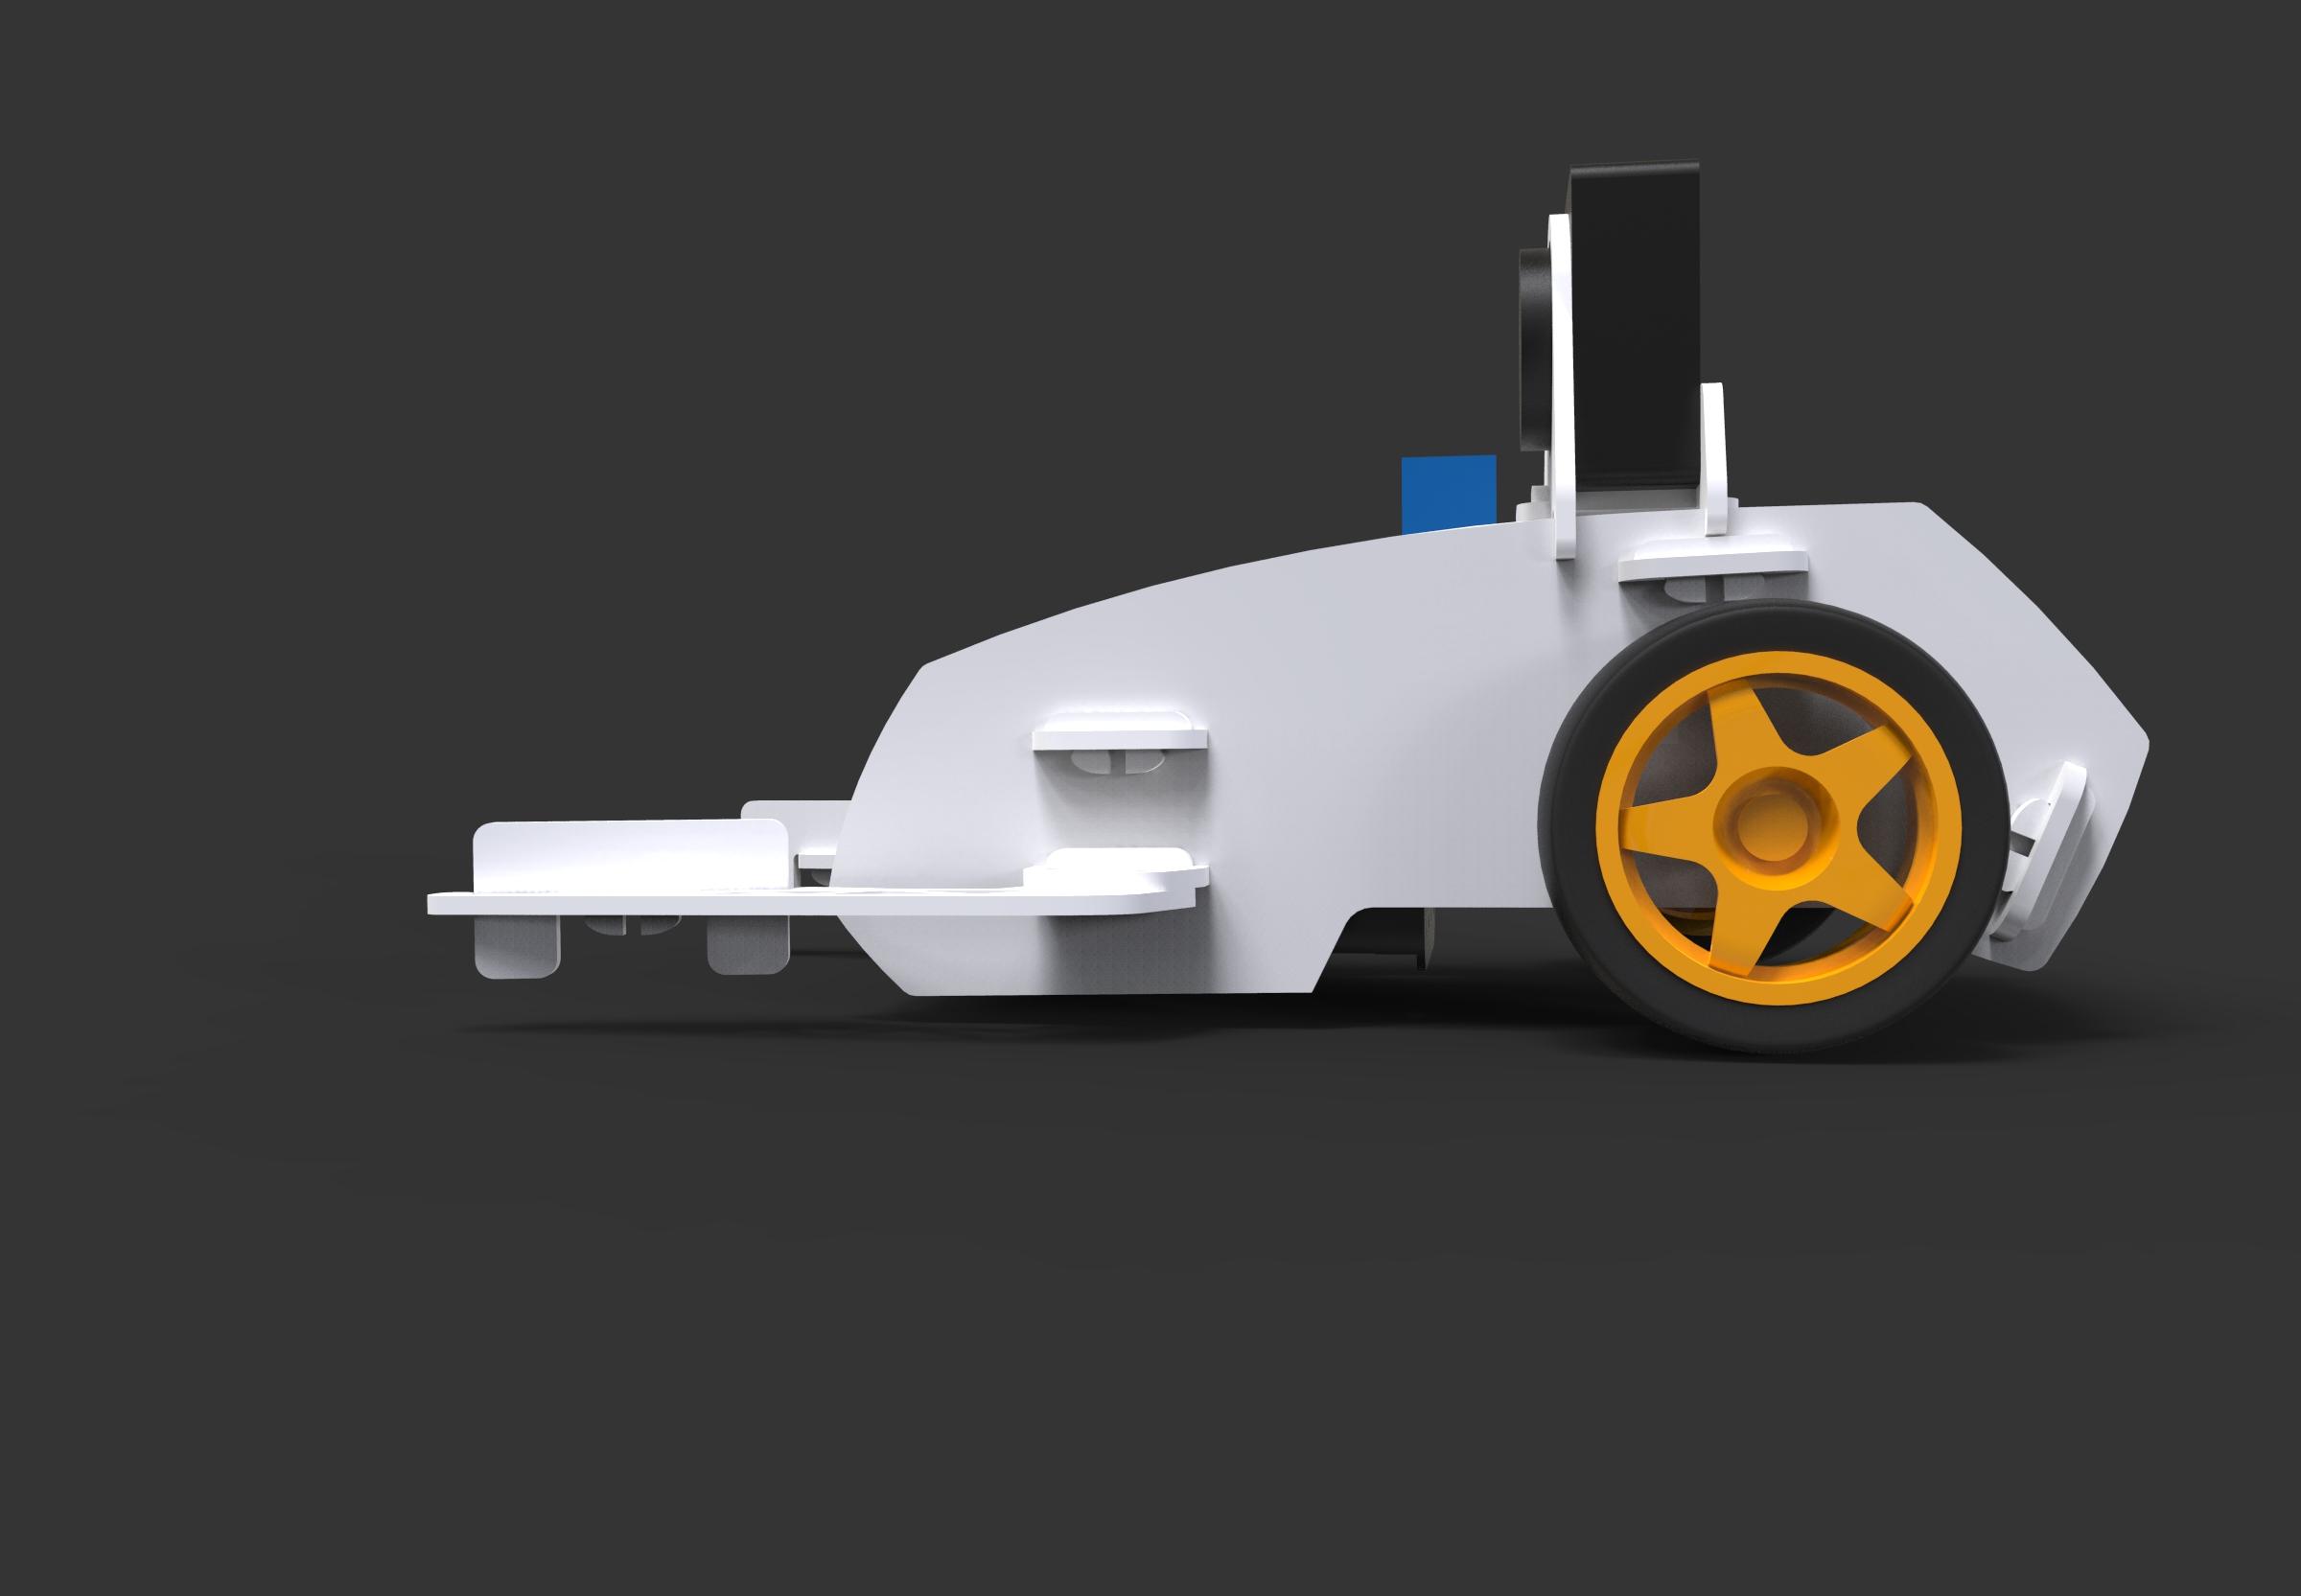 Дизайн игрушек или Как мы делали редизайн робота-конструктора